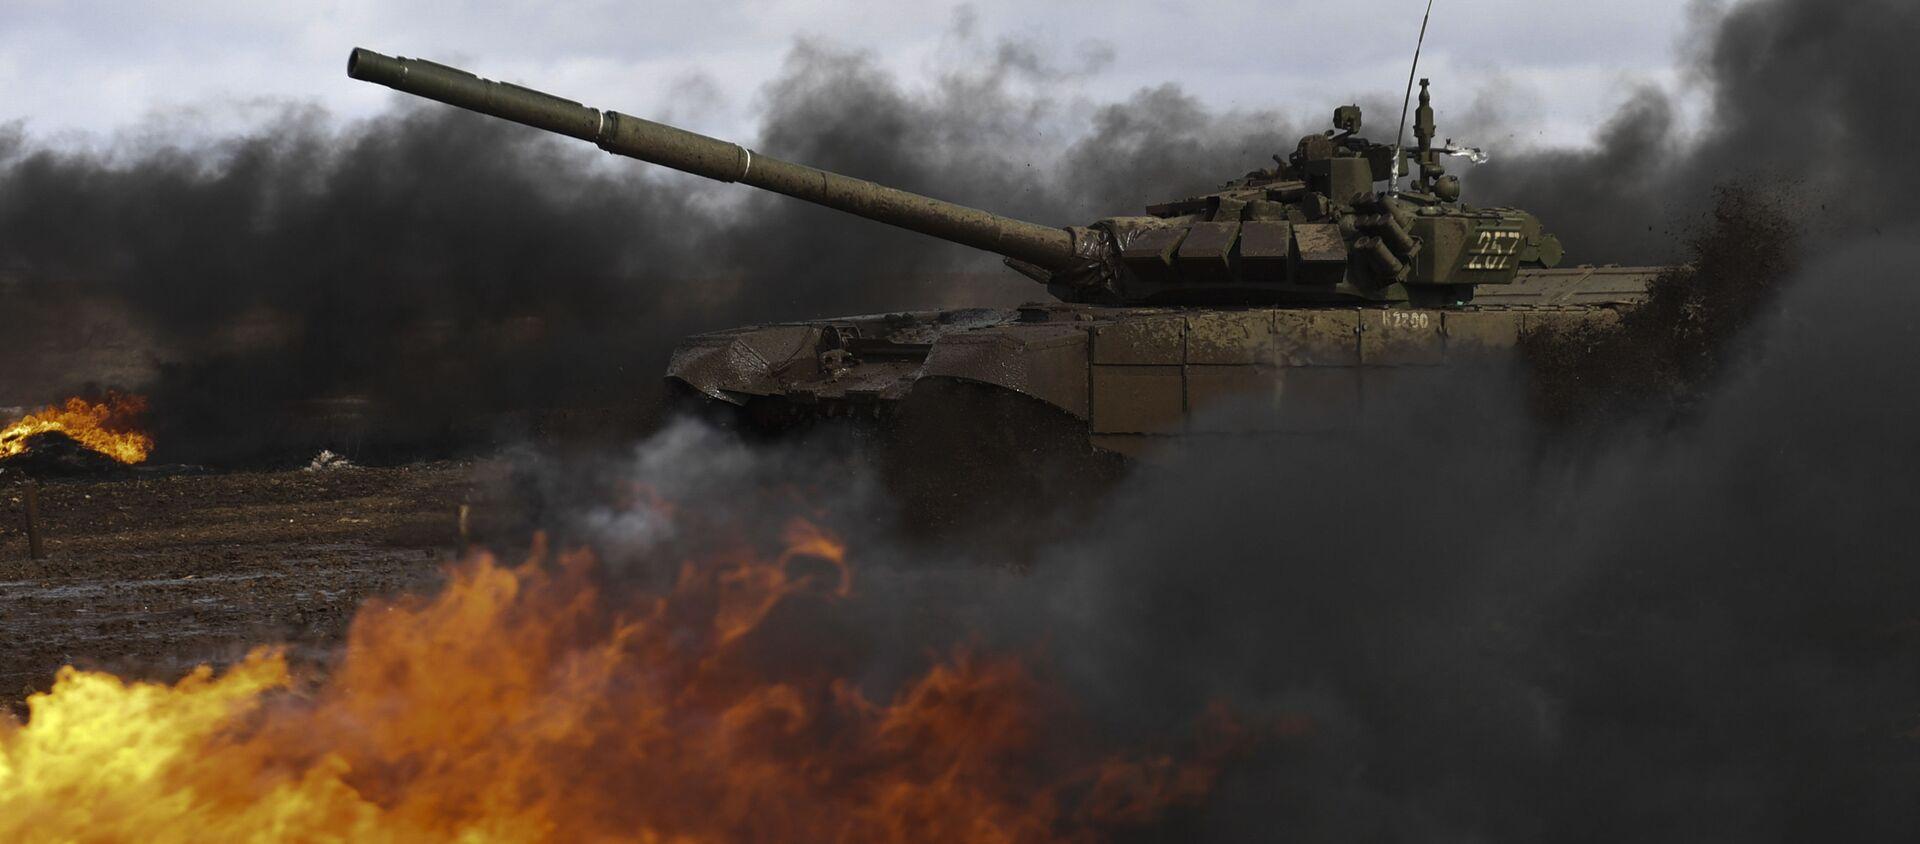 Танк Т-72Б3 во время соревнований Международные армейские игры в Свердловской области. Рекадрированный. - Sputnik Абхазия, 1920, 02.08.2021